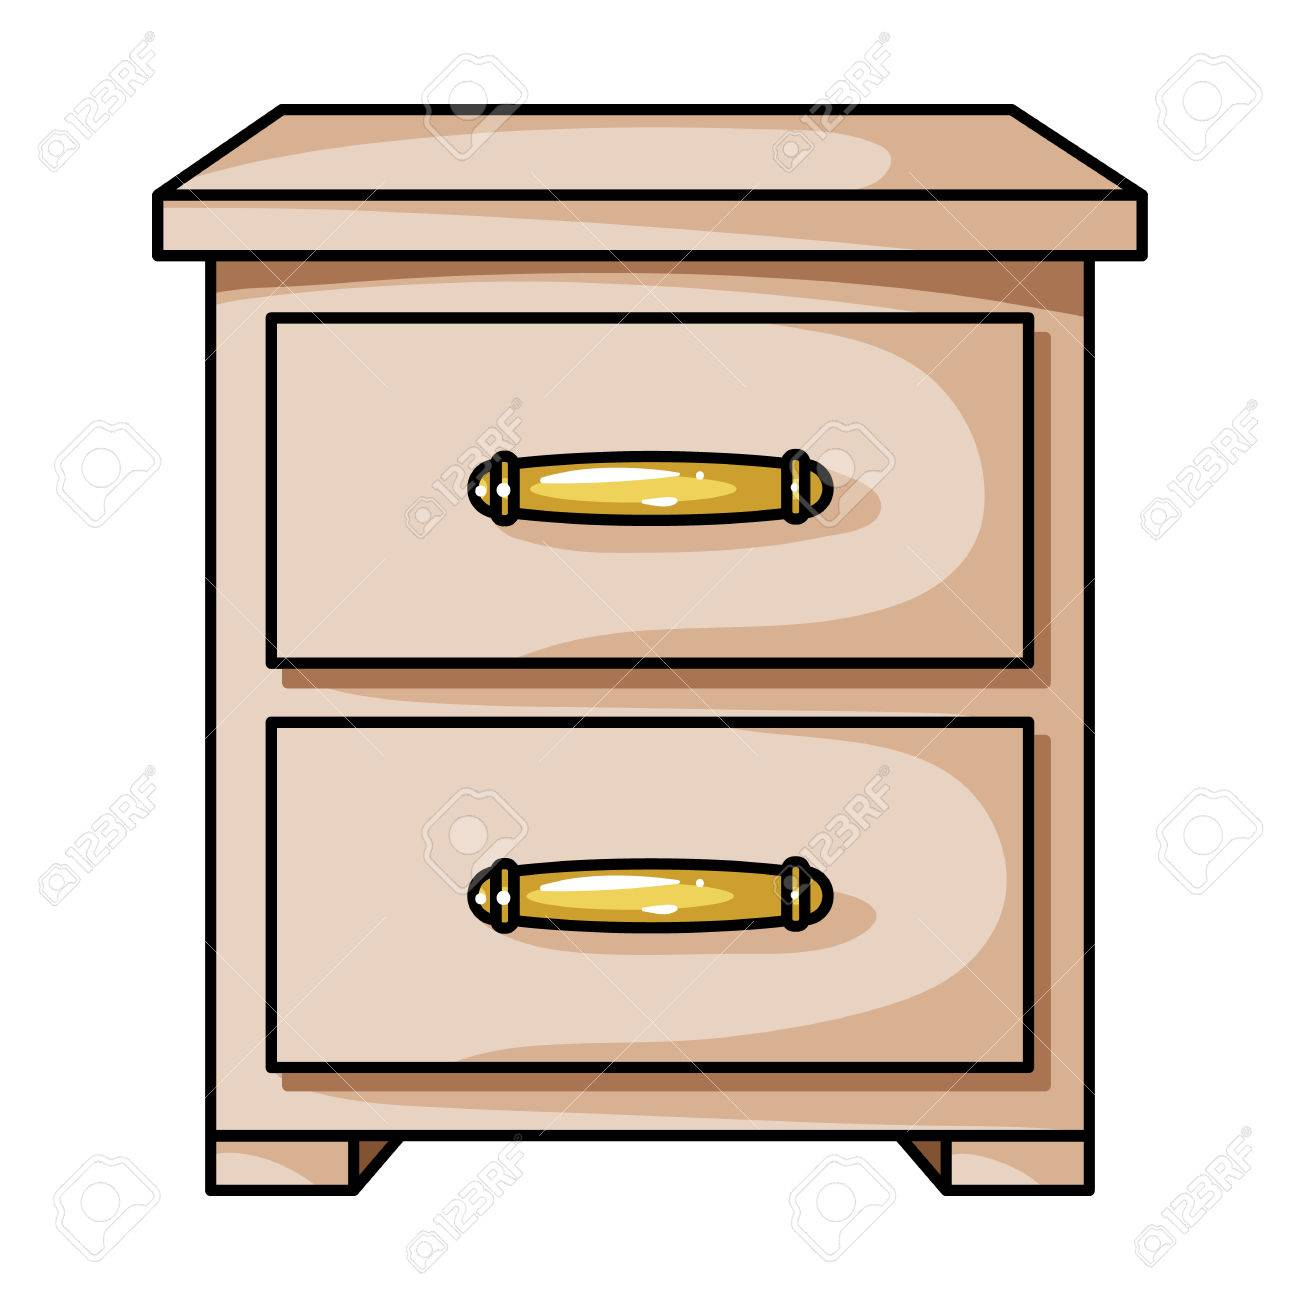 table de chevet icone dans le style de dessin anime isole sur fond blanc meubles et symbole interieur maison illustration vectorielle